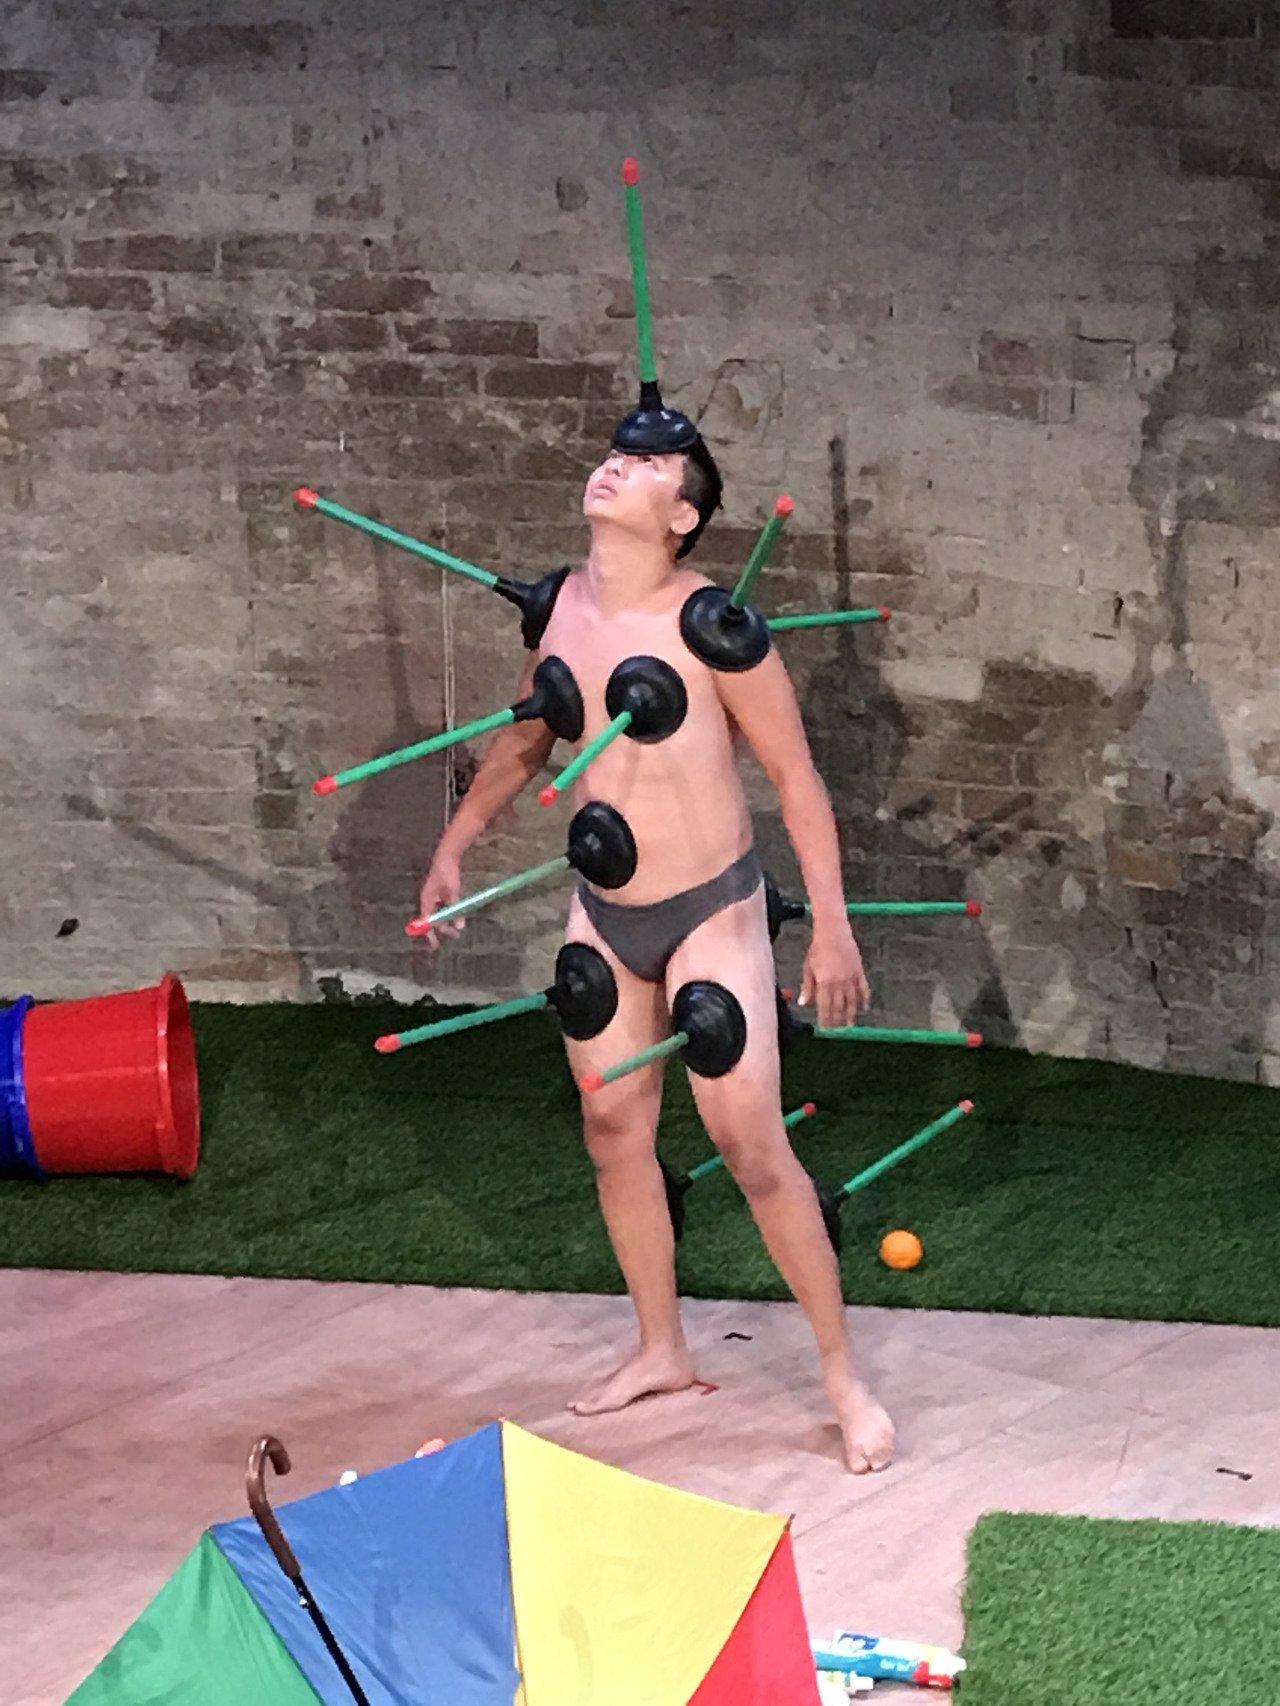 福爾摩沙馬戲團在法國亞維儂演出「一瞬之光」,走非傳統路線,用衣架、拖把、馬桶吸盤...